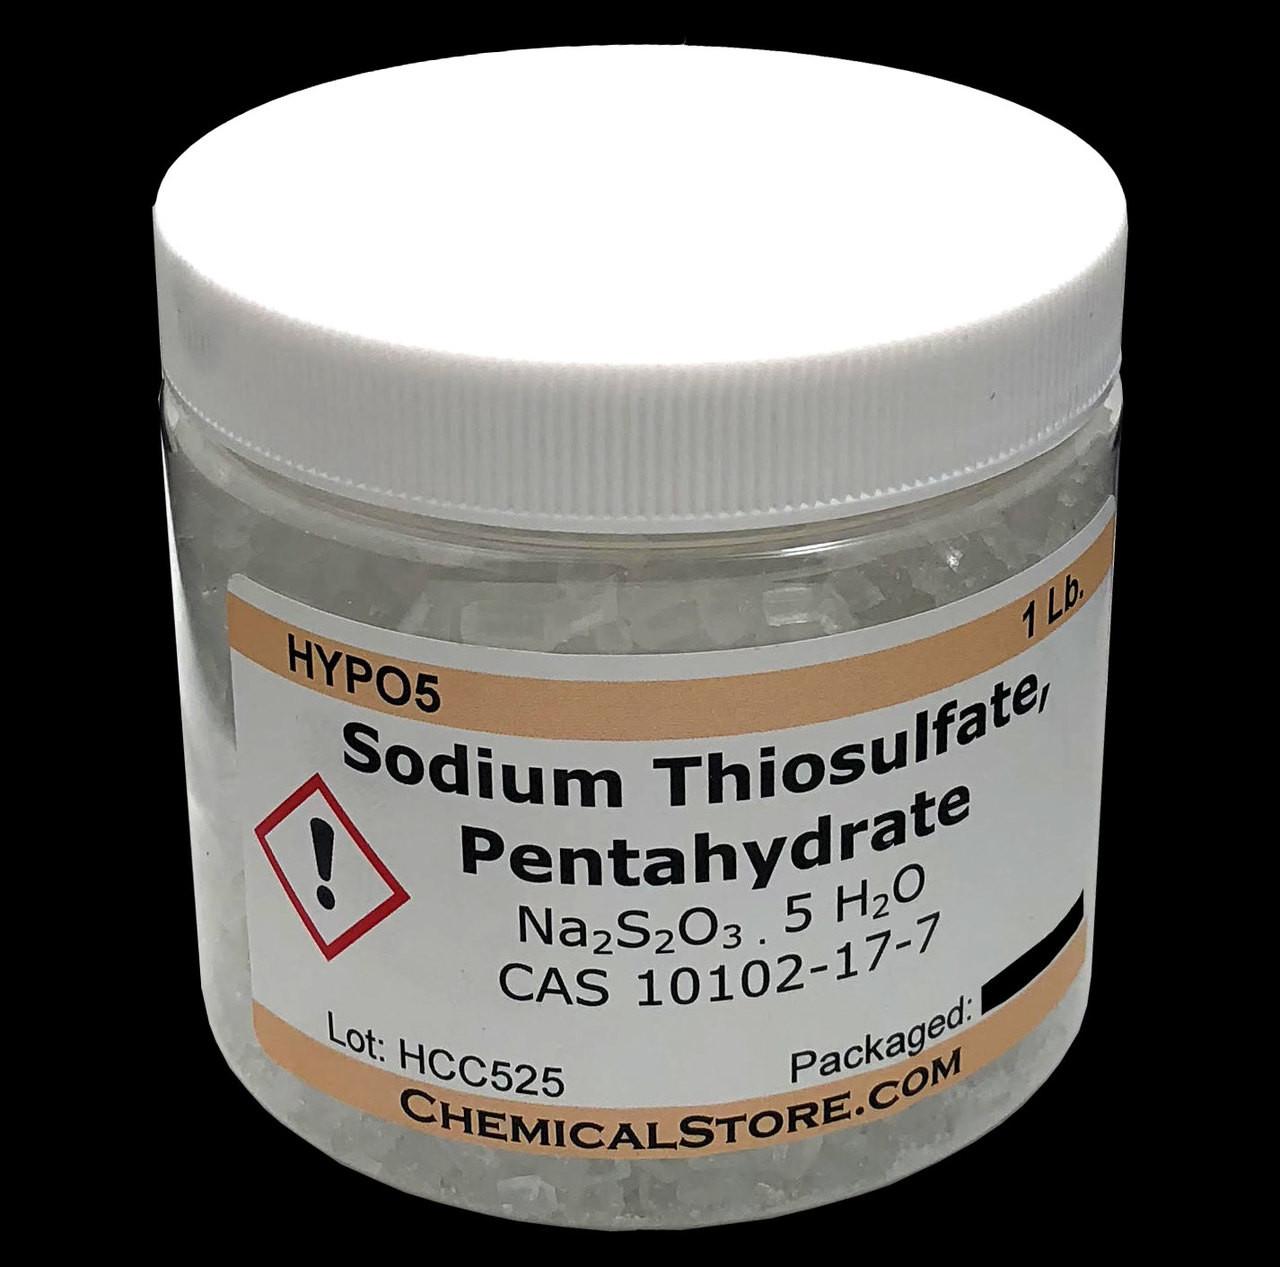 Sodium Thiosulfate, Pentahydrate